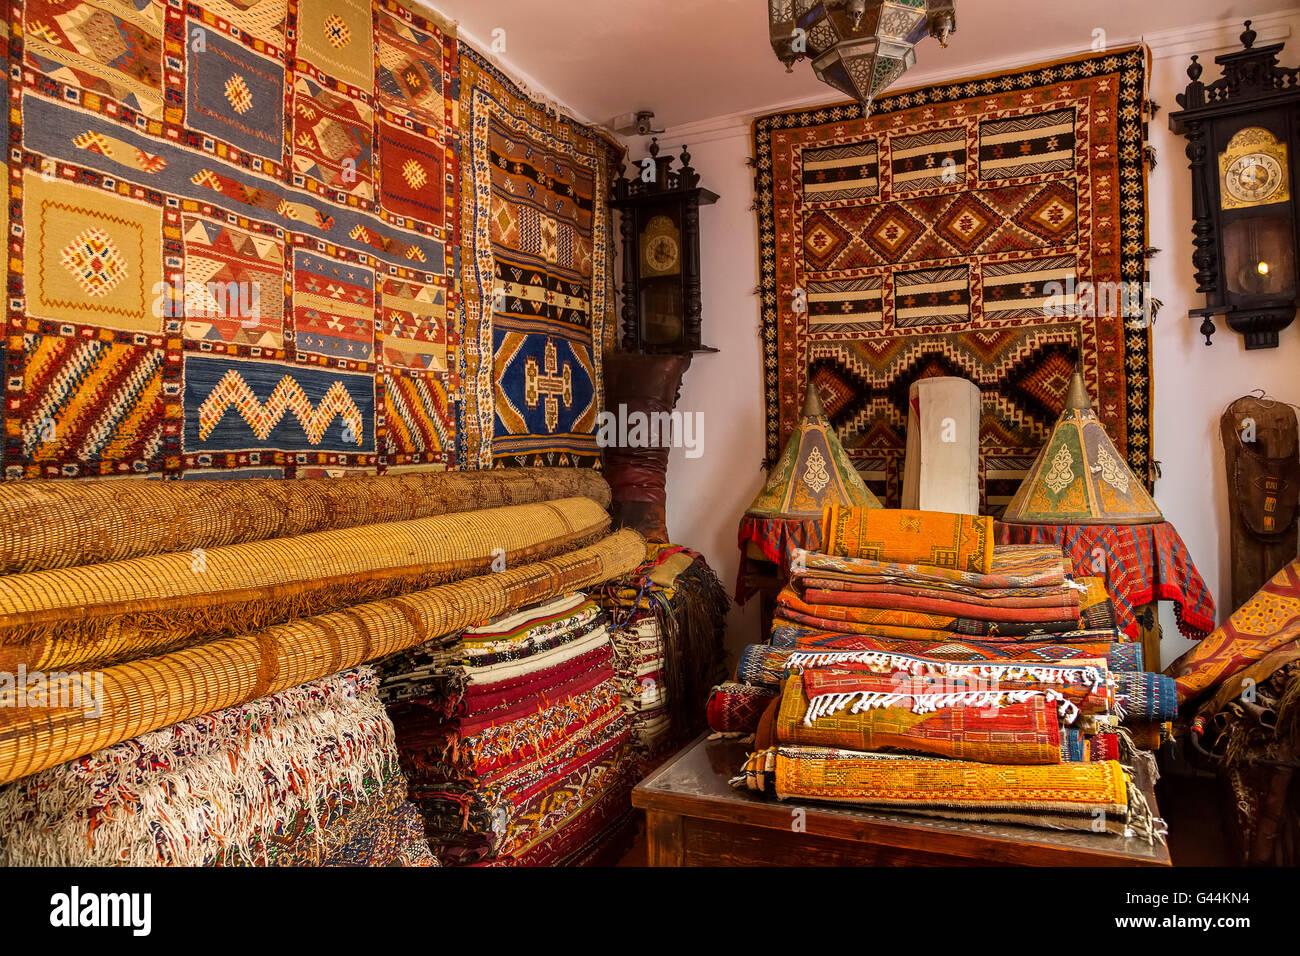 Antiquitäten-Händler und Souvenir-Shop. Medina Grand Socco, die große Souk, alte Stadt Tanger. Marokko Stockbild